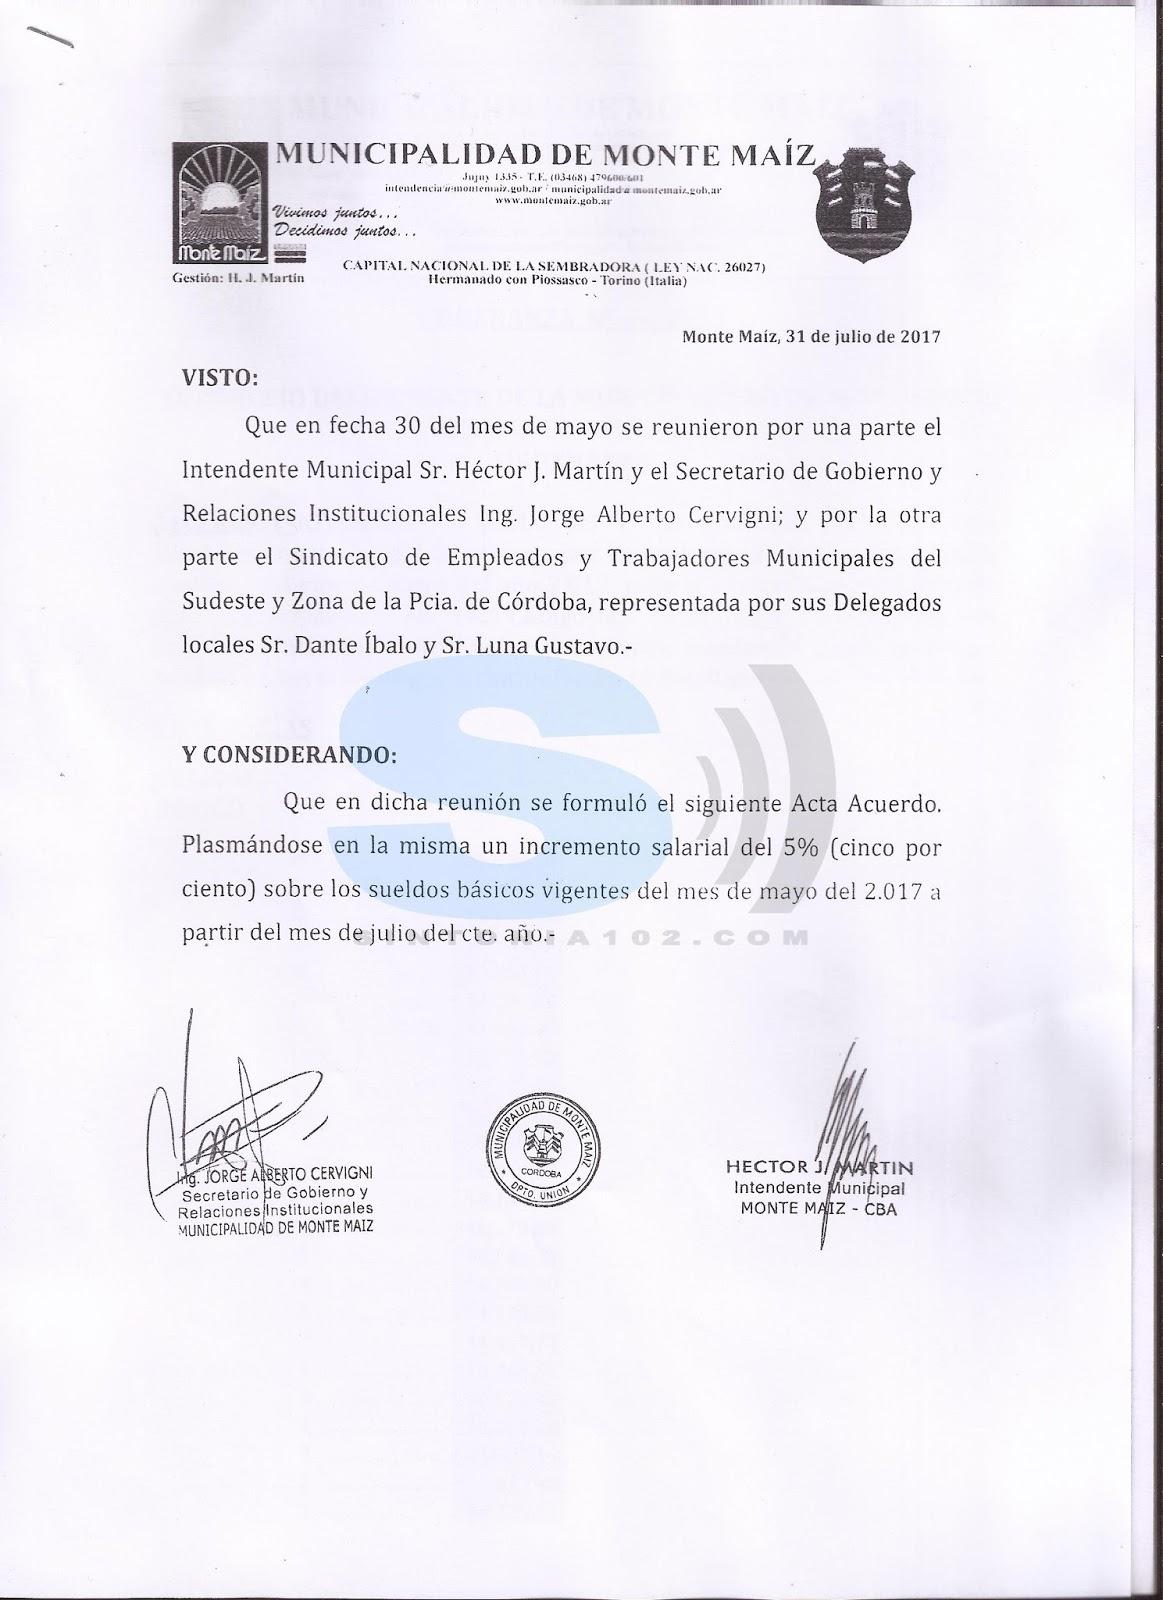 de la provincia de c rdoba representado por los delegados por los se ores dante ibalo y gustavo luna se acord el aumento para el mes de julio 2017